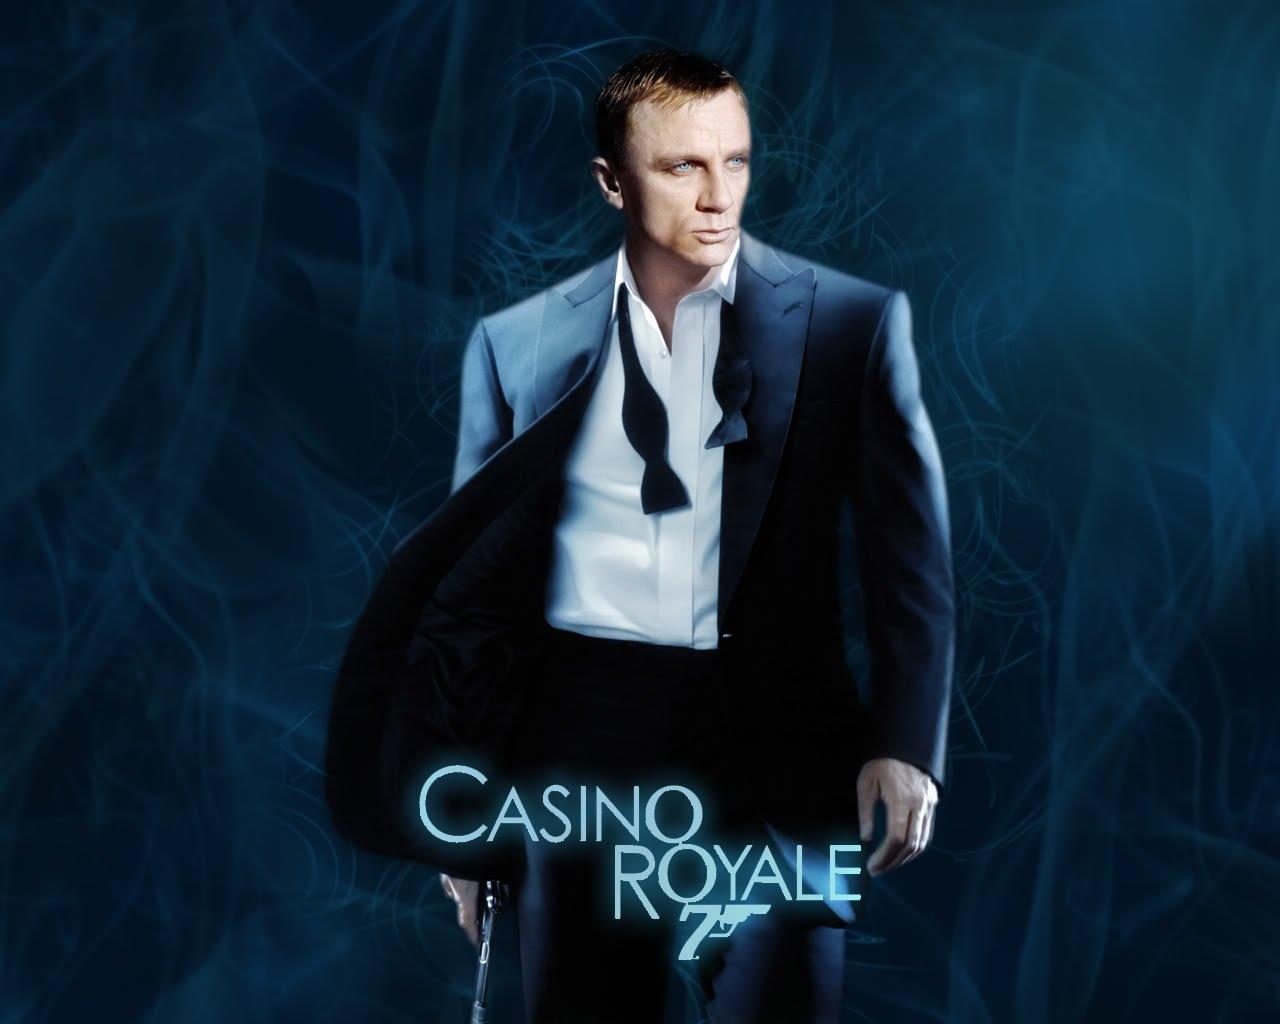 Free casino royale screensaver casino hotel las nv riviera vegas